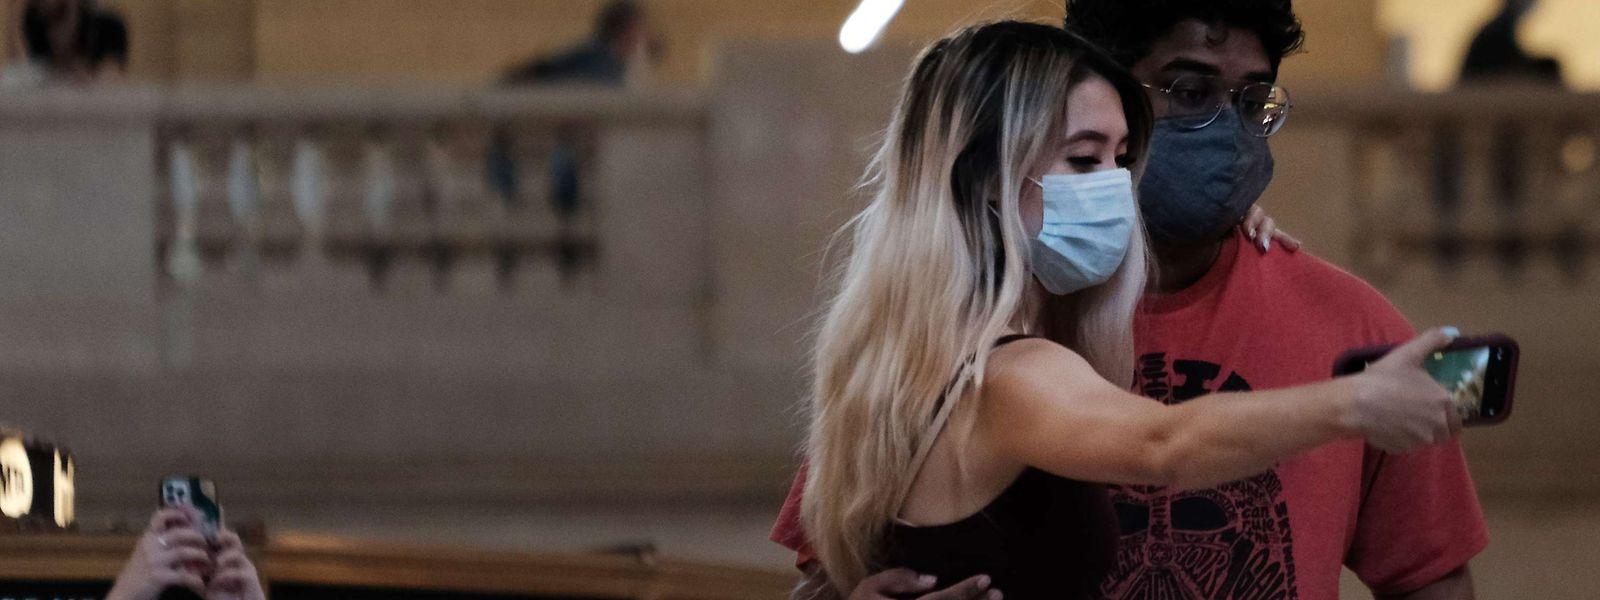 Besucher im New Yorker Grand Central Terminal: Die US-Gesundheitsbehörde CDC empfiehlt auch vollständig gegen das Corona-Virus geimpften Personen, in Innenräumen Masken zu tragen.